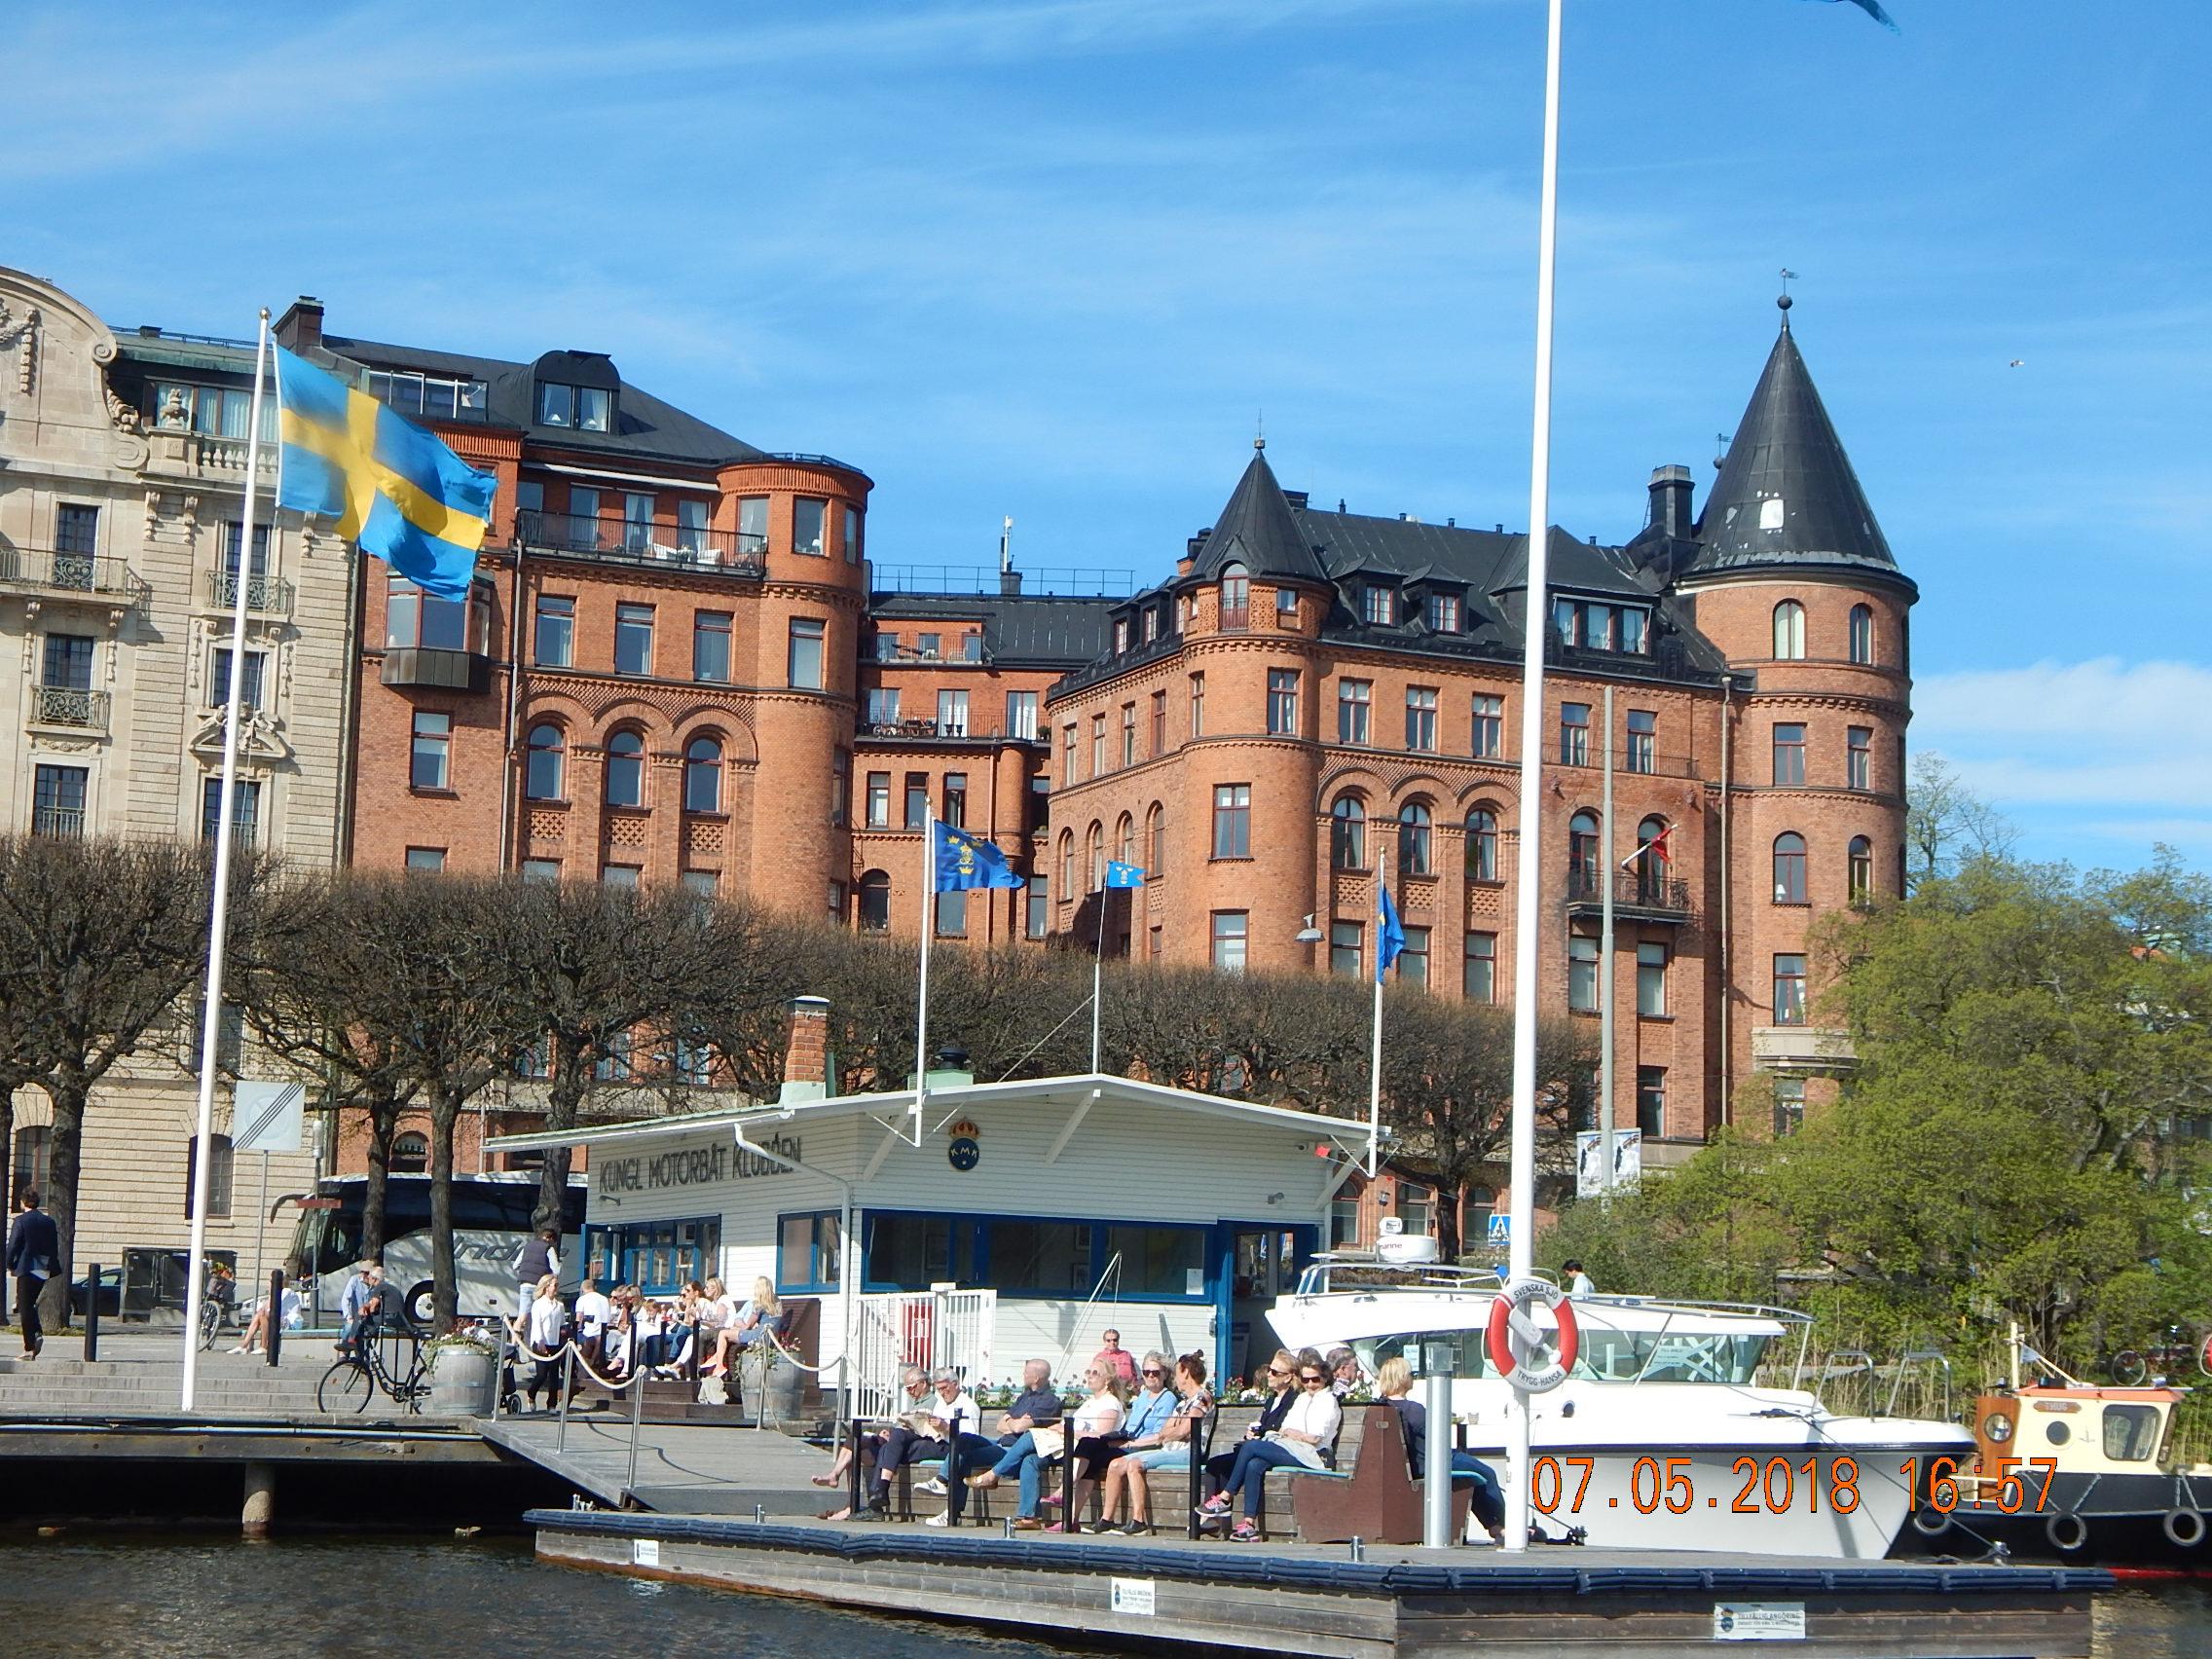 Романтическое путешествие в Скандинавию. - Страница 2 Dscn4620